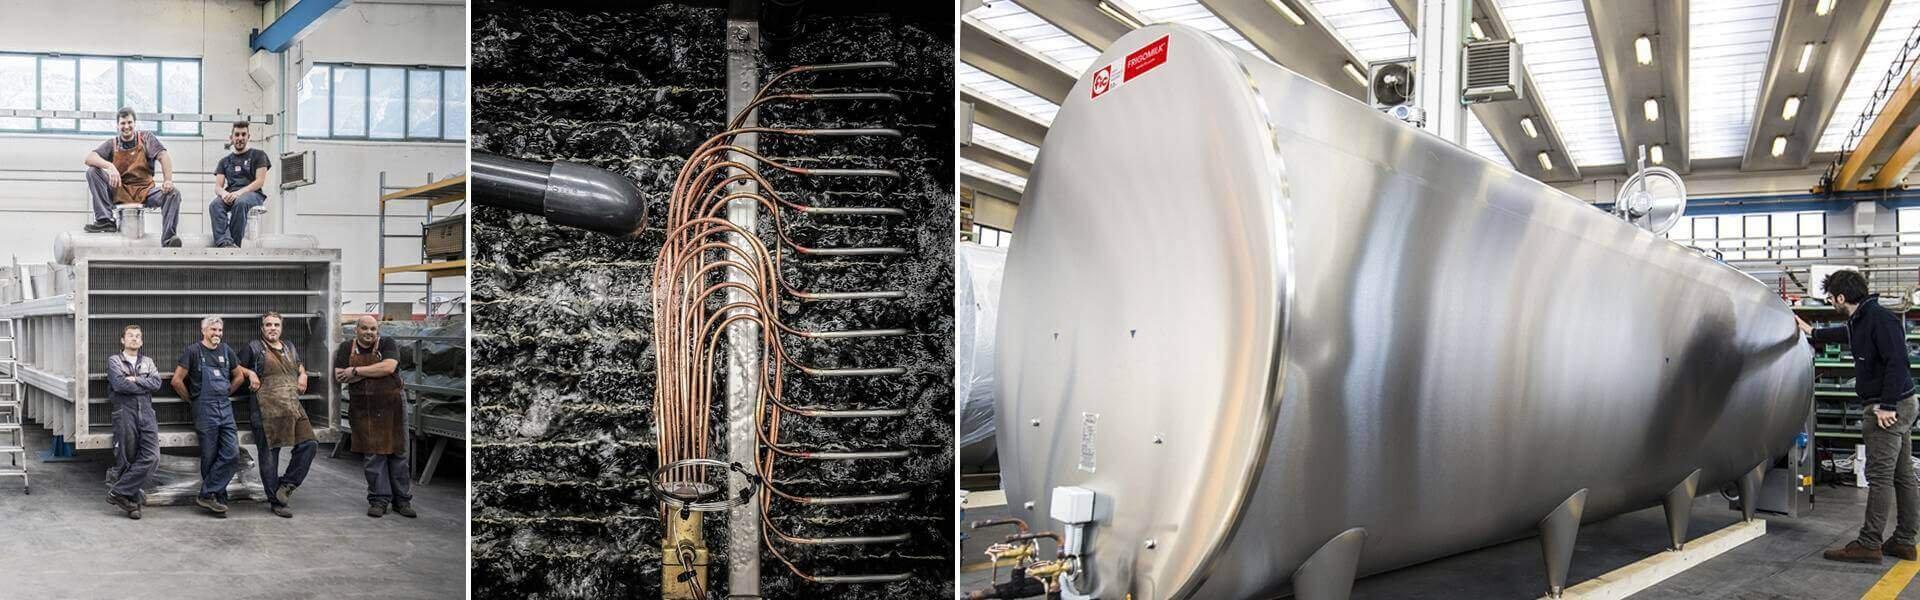 Progettazione e produzione di apparecchiature per lo scambio termico